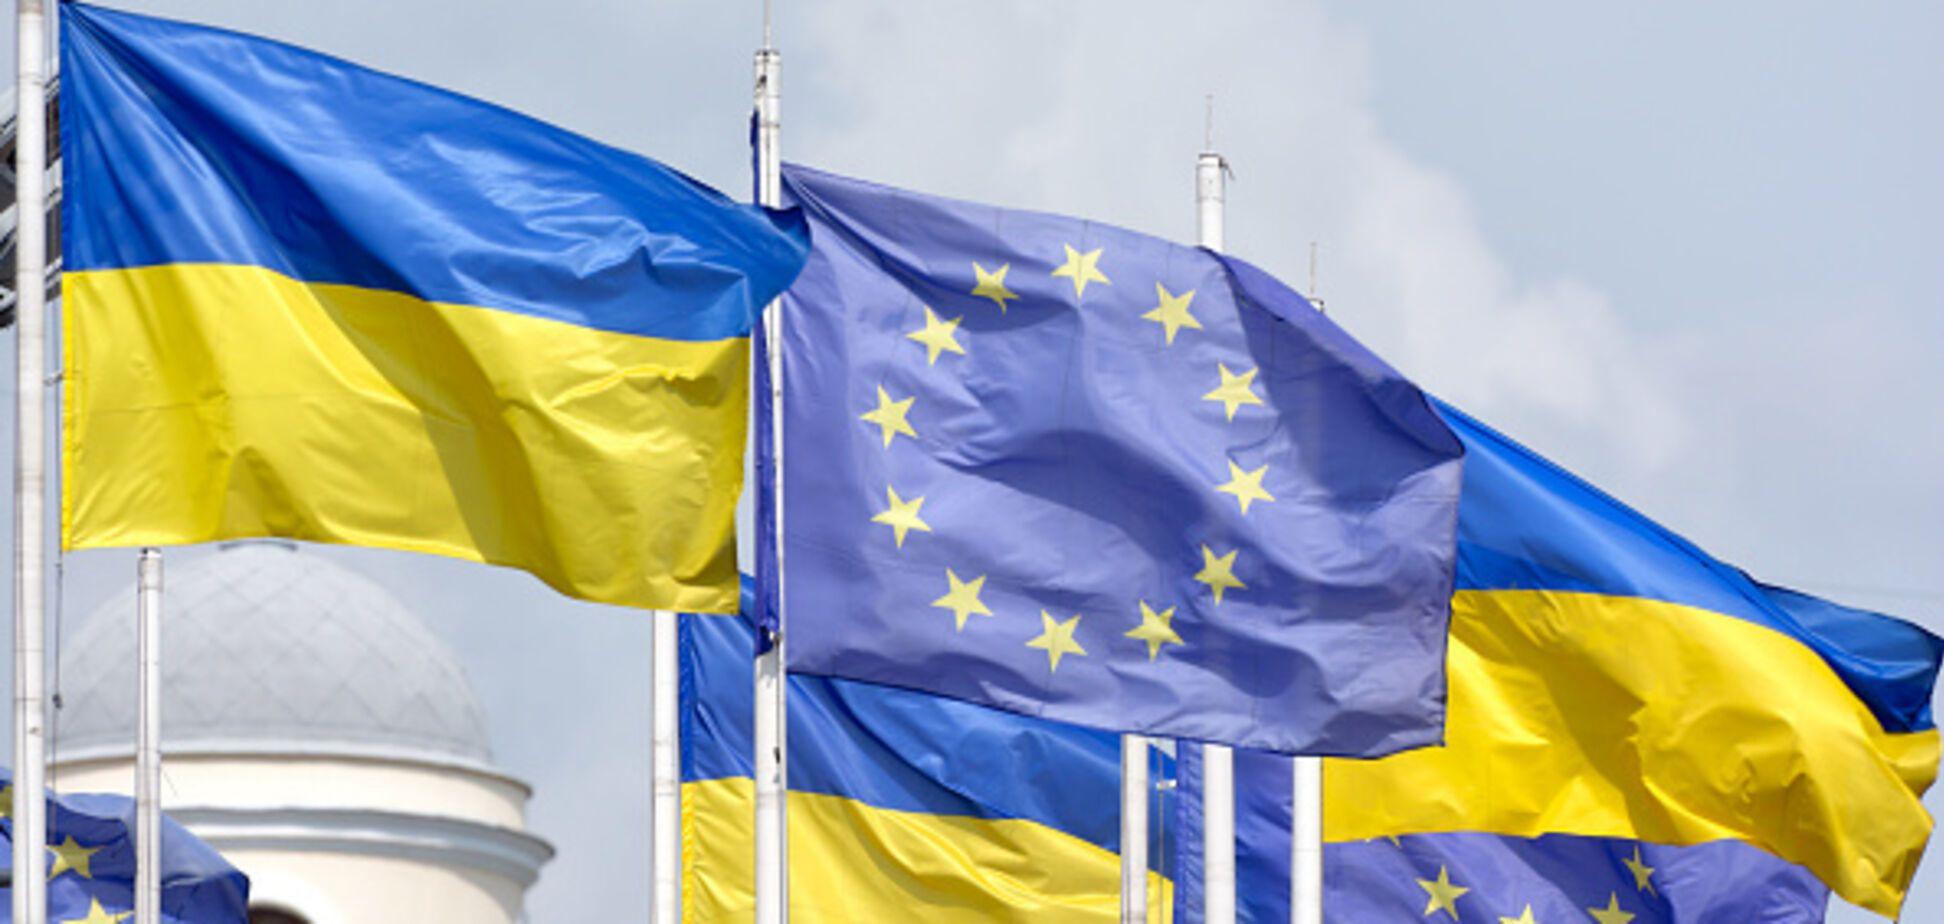 Отруєння Скрипаля: військовий вказав на 'цинічне' ставлення Заходу до України